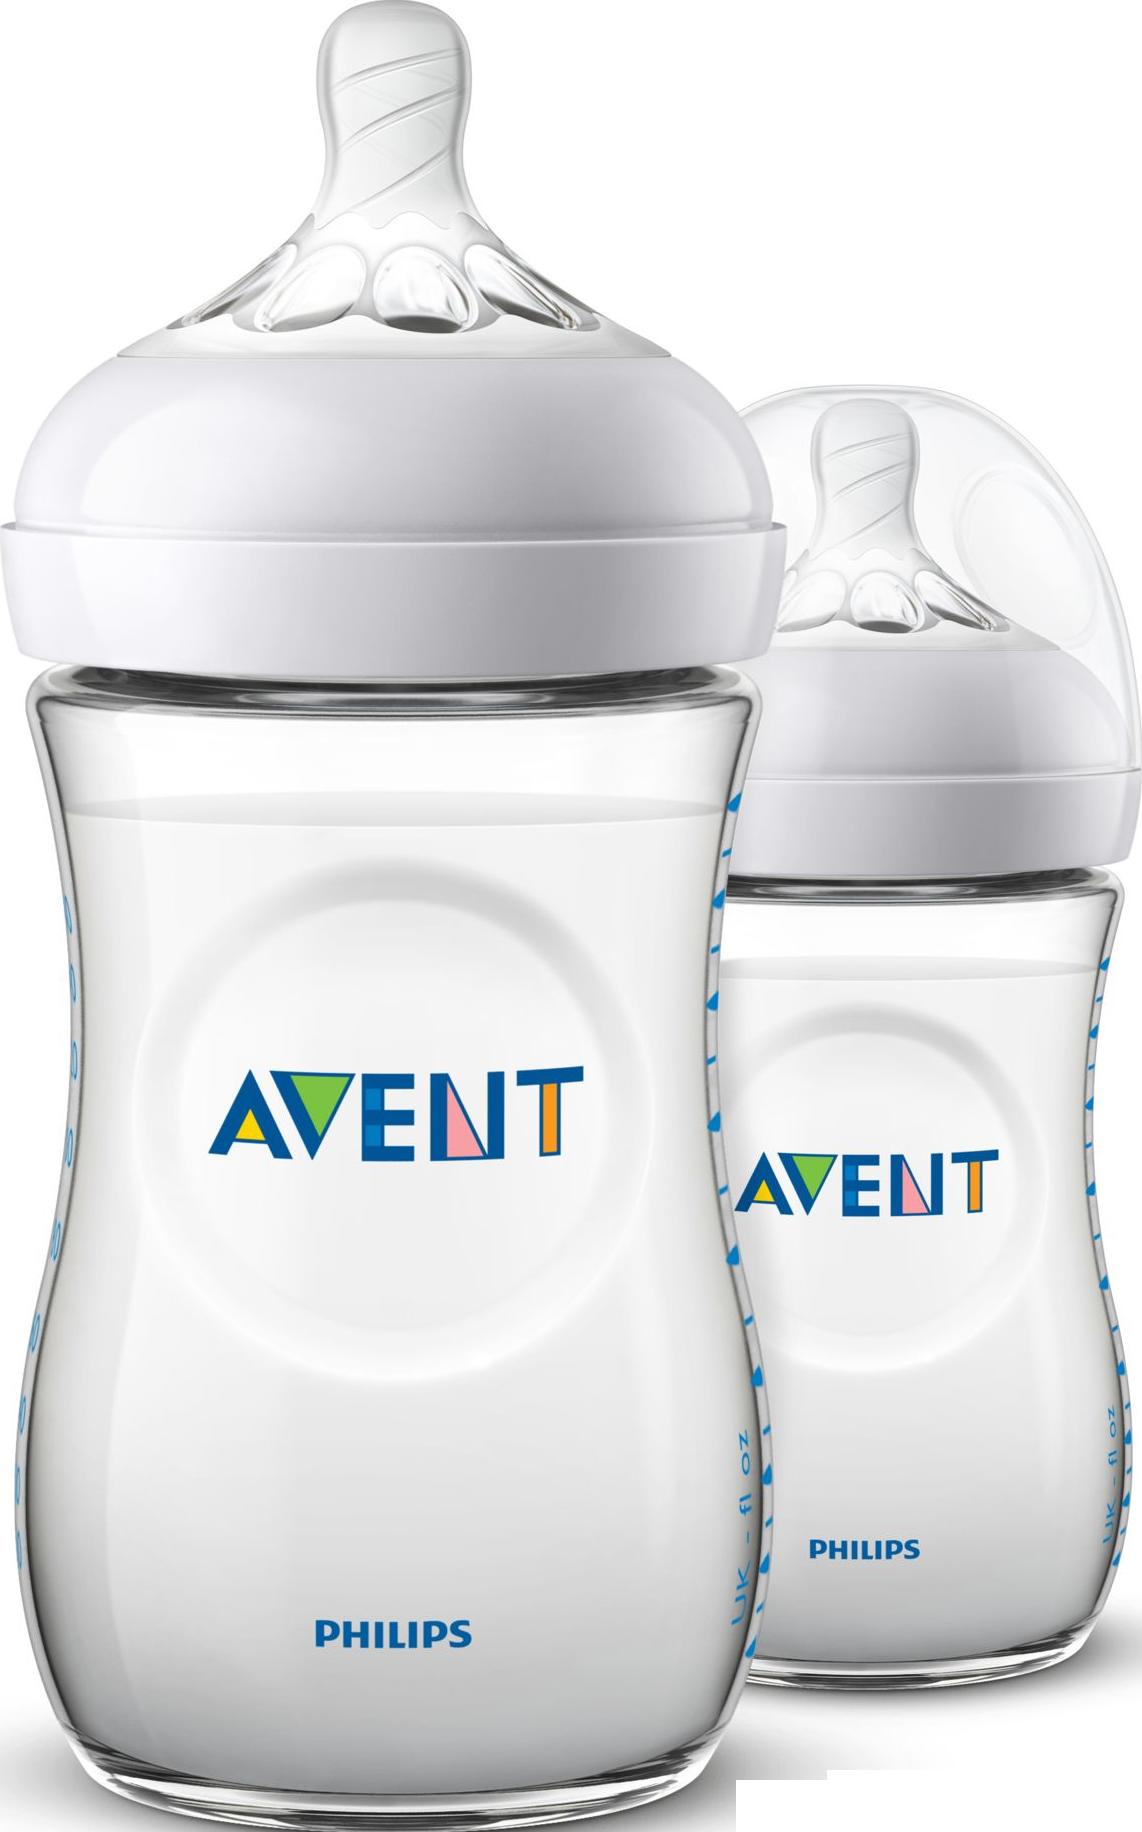 Philips AVENT Natural Antikolik Sutteflasker 2 x 260 ml.